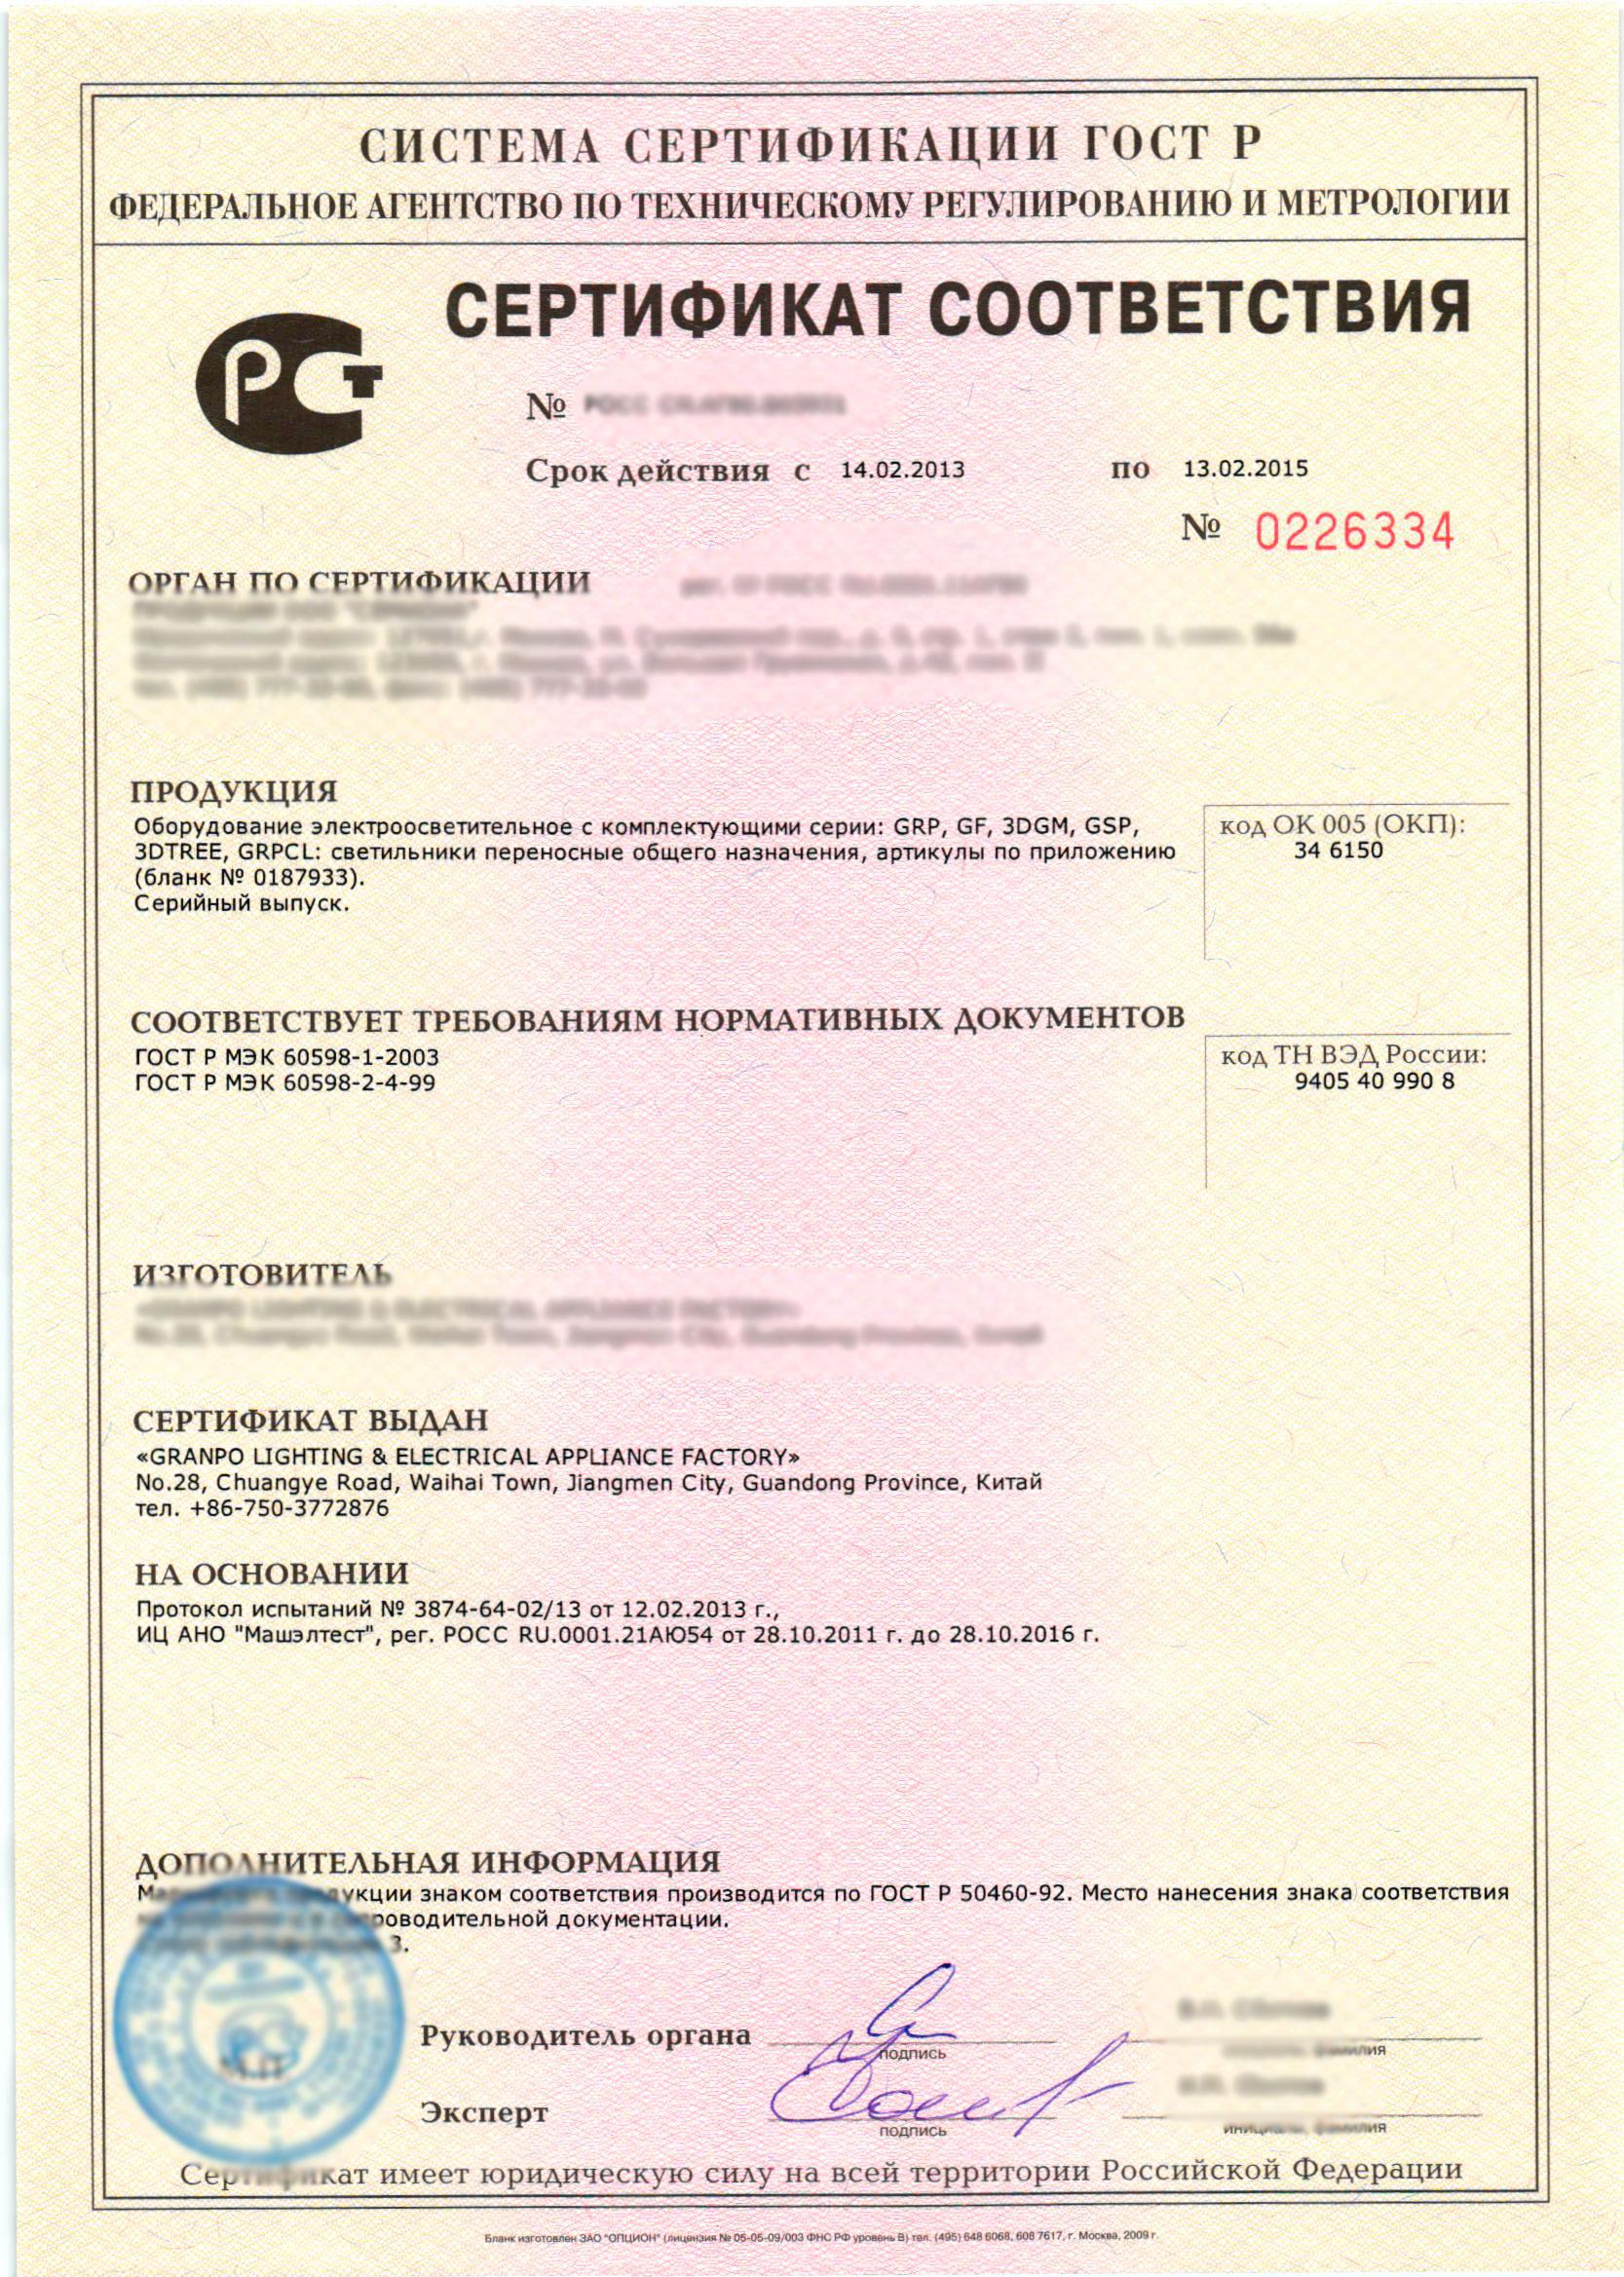 Сертификация продукции и услуг, виды сертификации сертификация туристических услуг ua